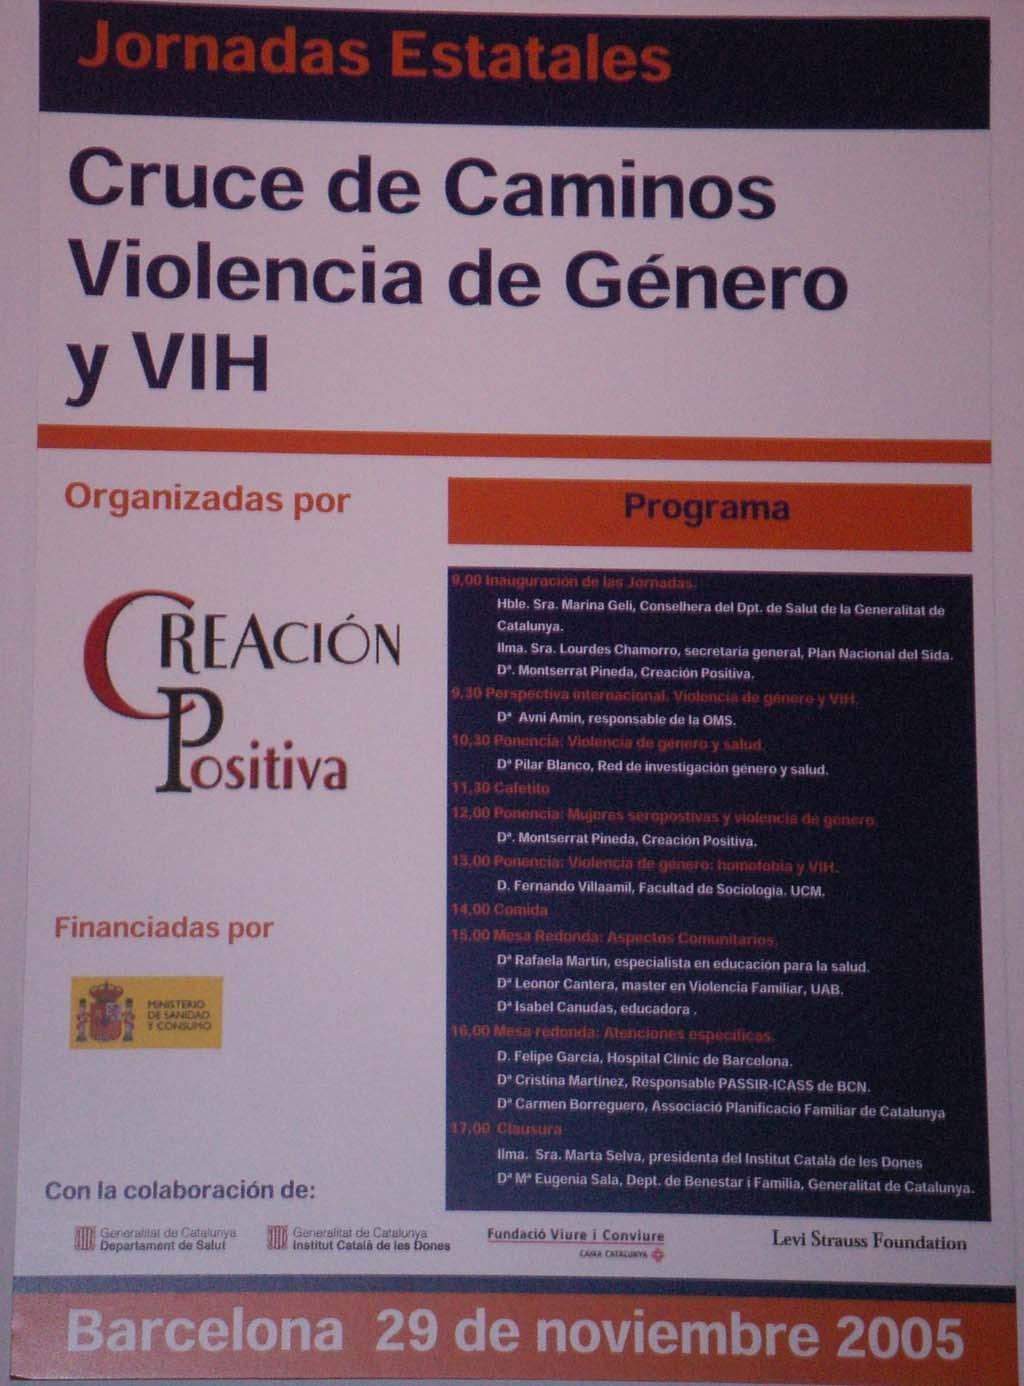 Jornadas Estatales sobre Violencia de Género y VIH